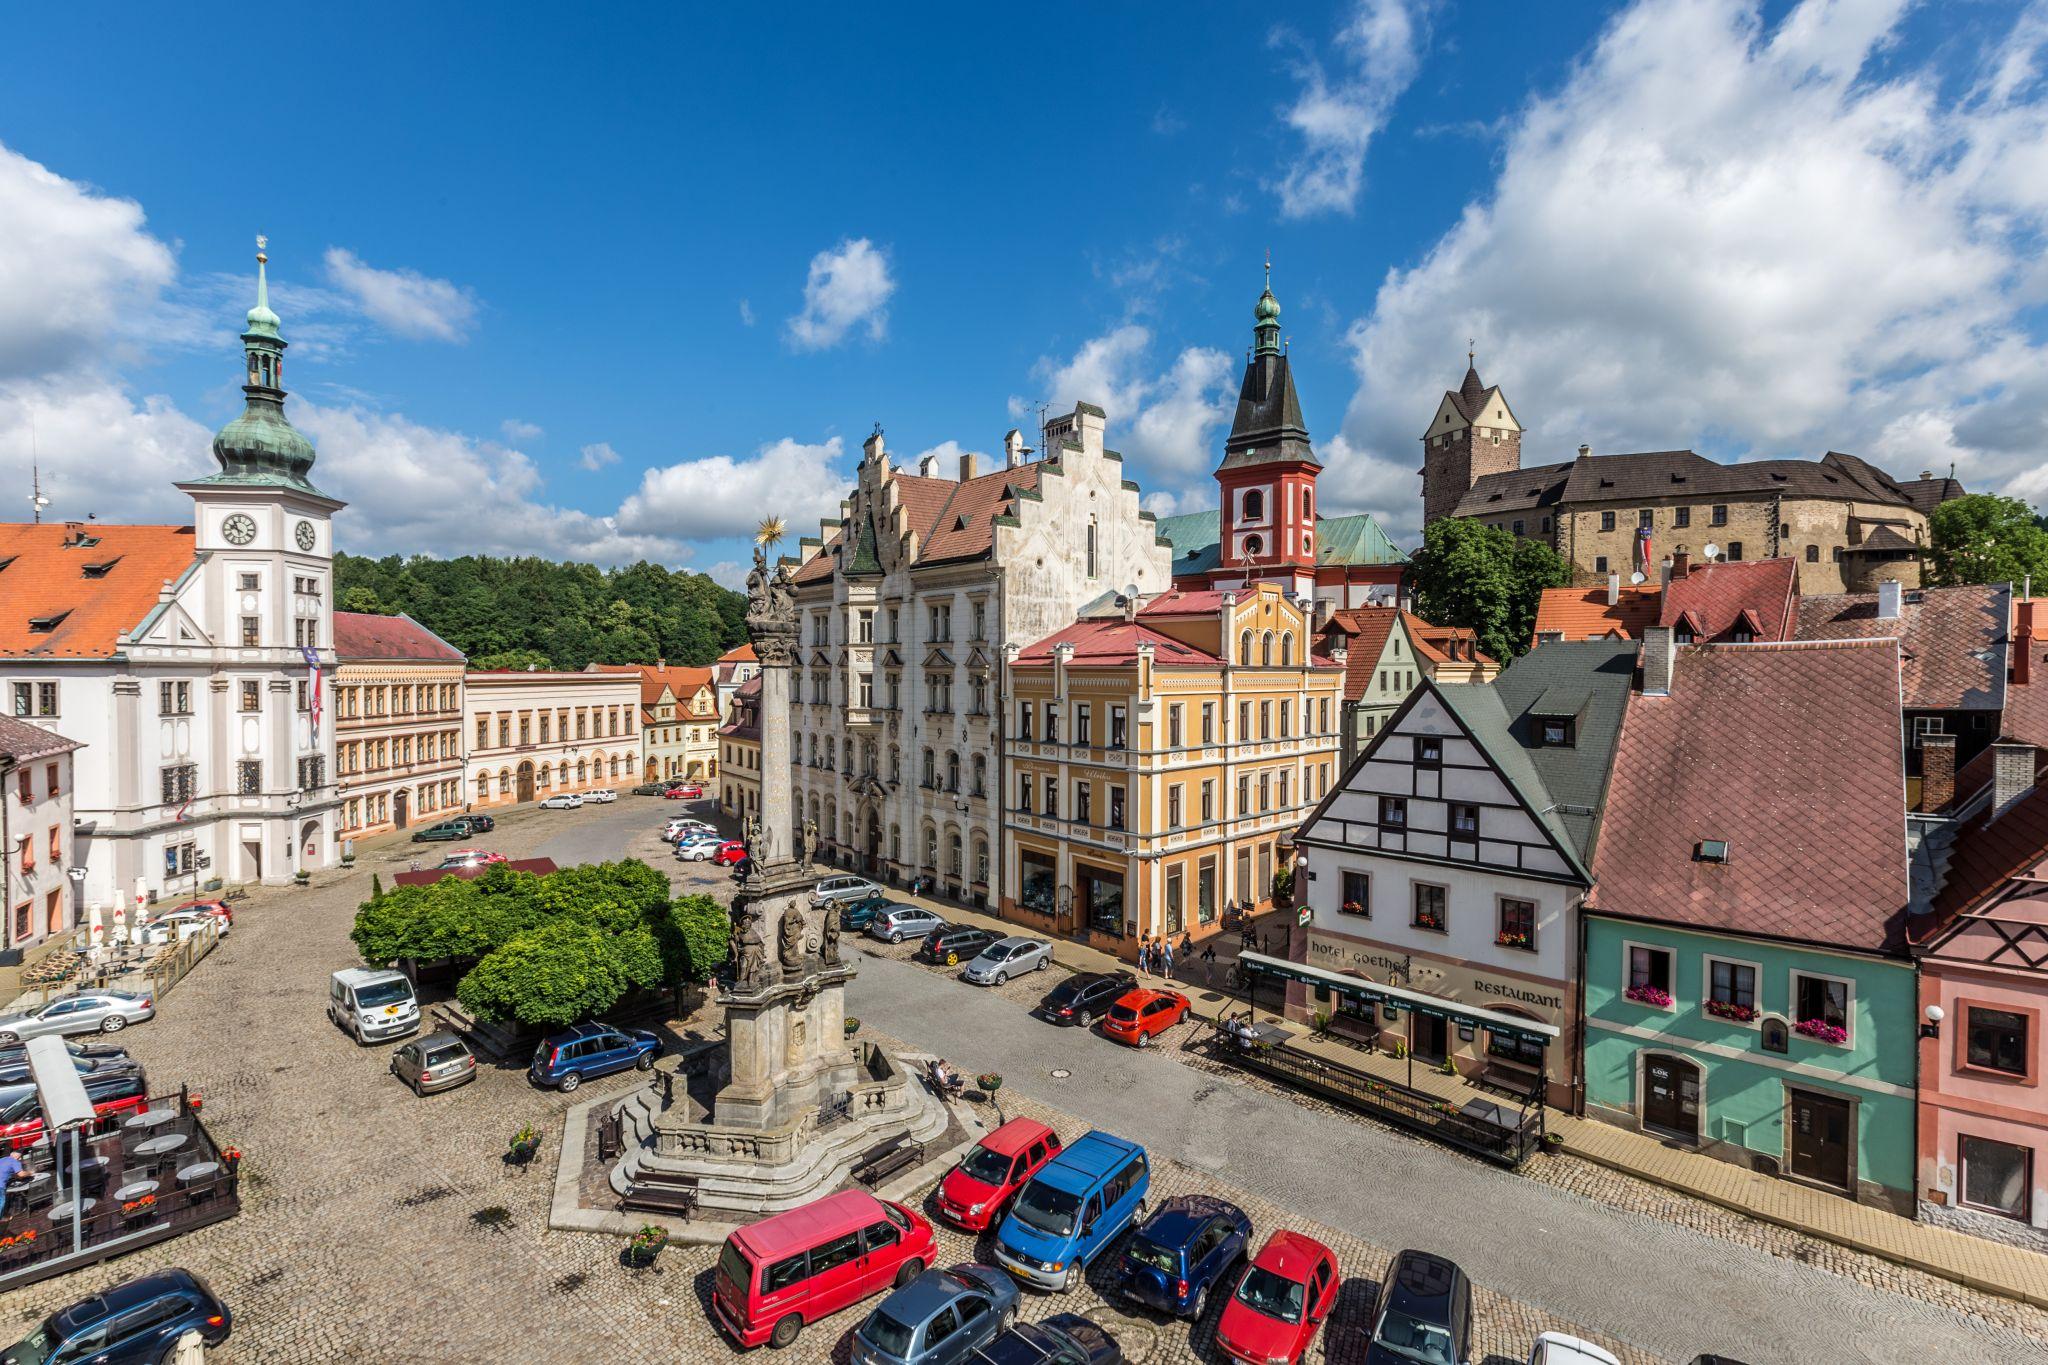 Loket Market, Czech Republic